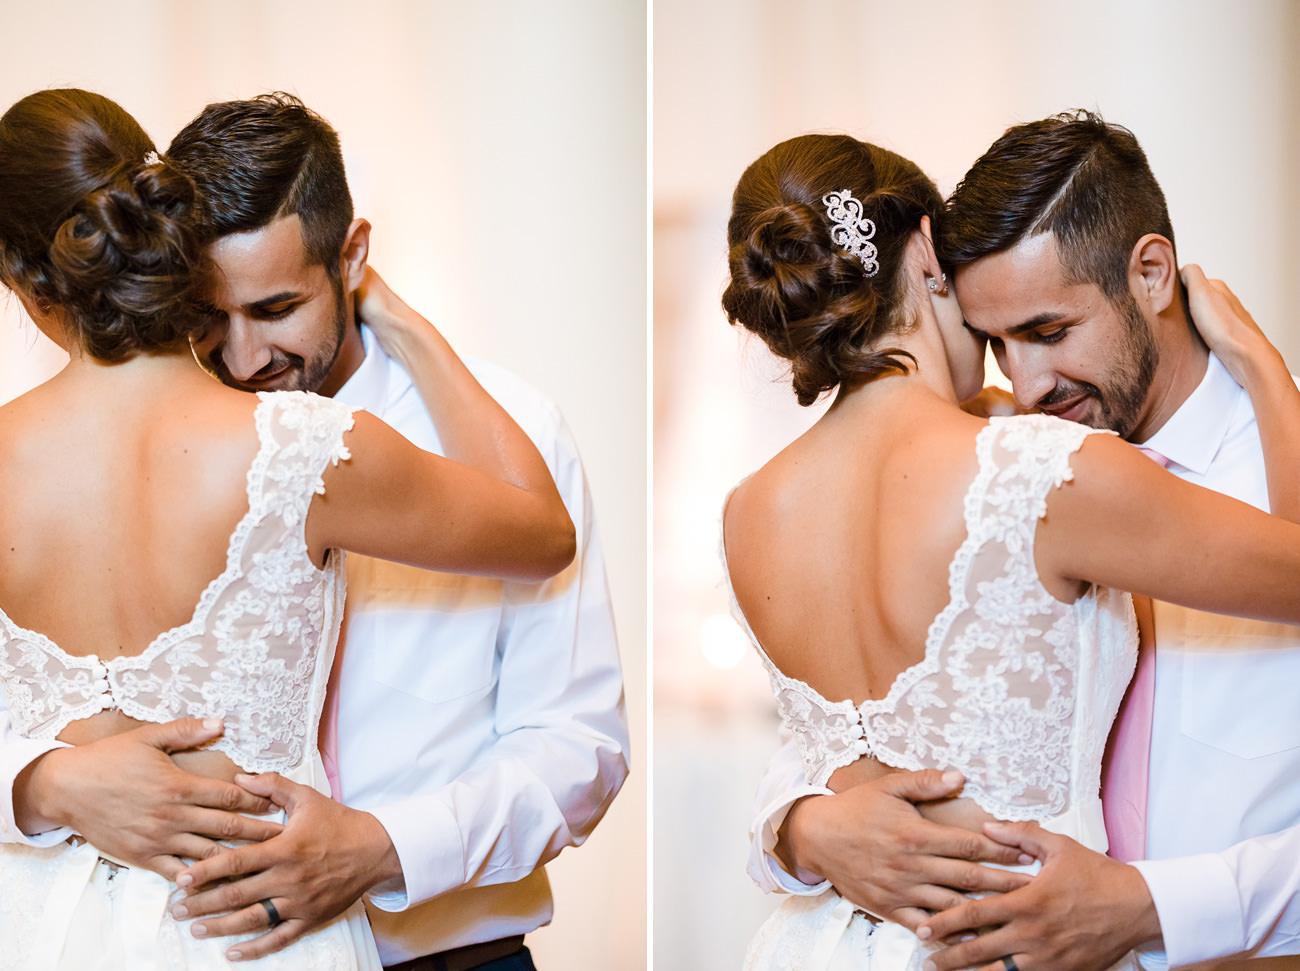 st-marys-catholic-wedding-28 St Marys Catholic Wedding   Eugene Oregon Photographer   Ariana & Chavo